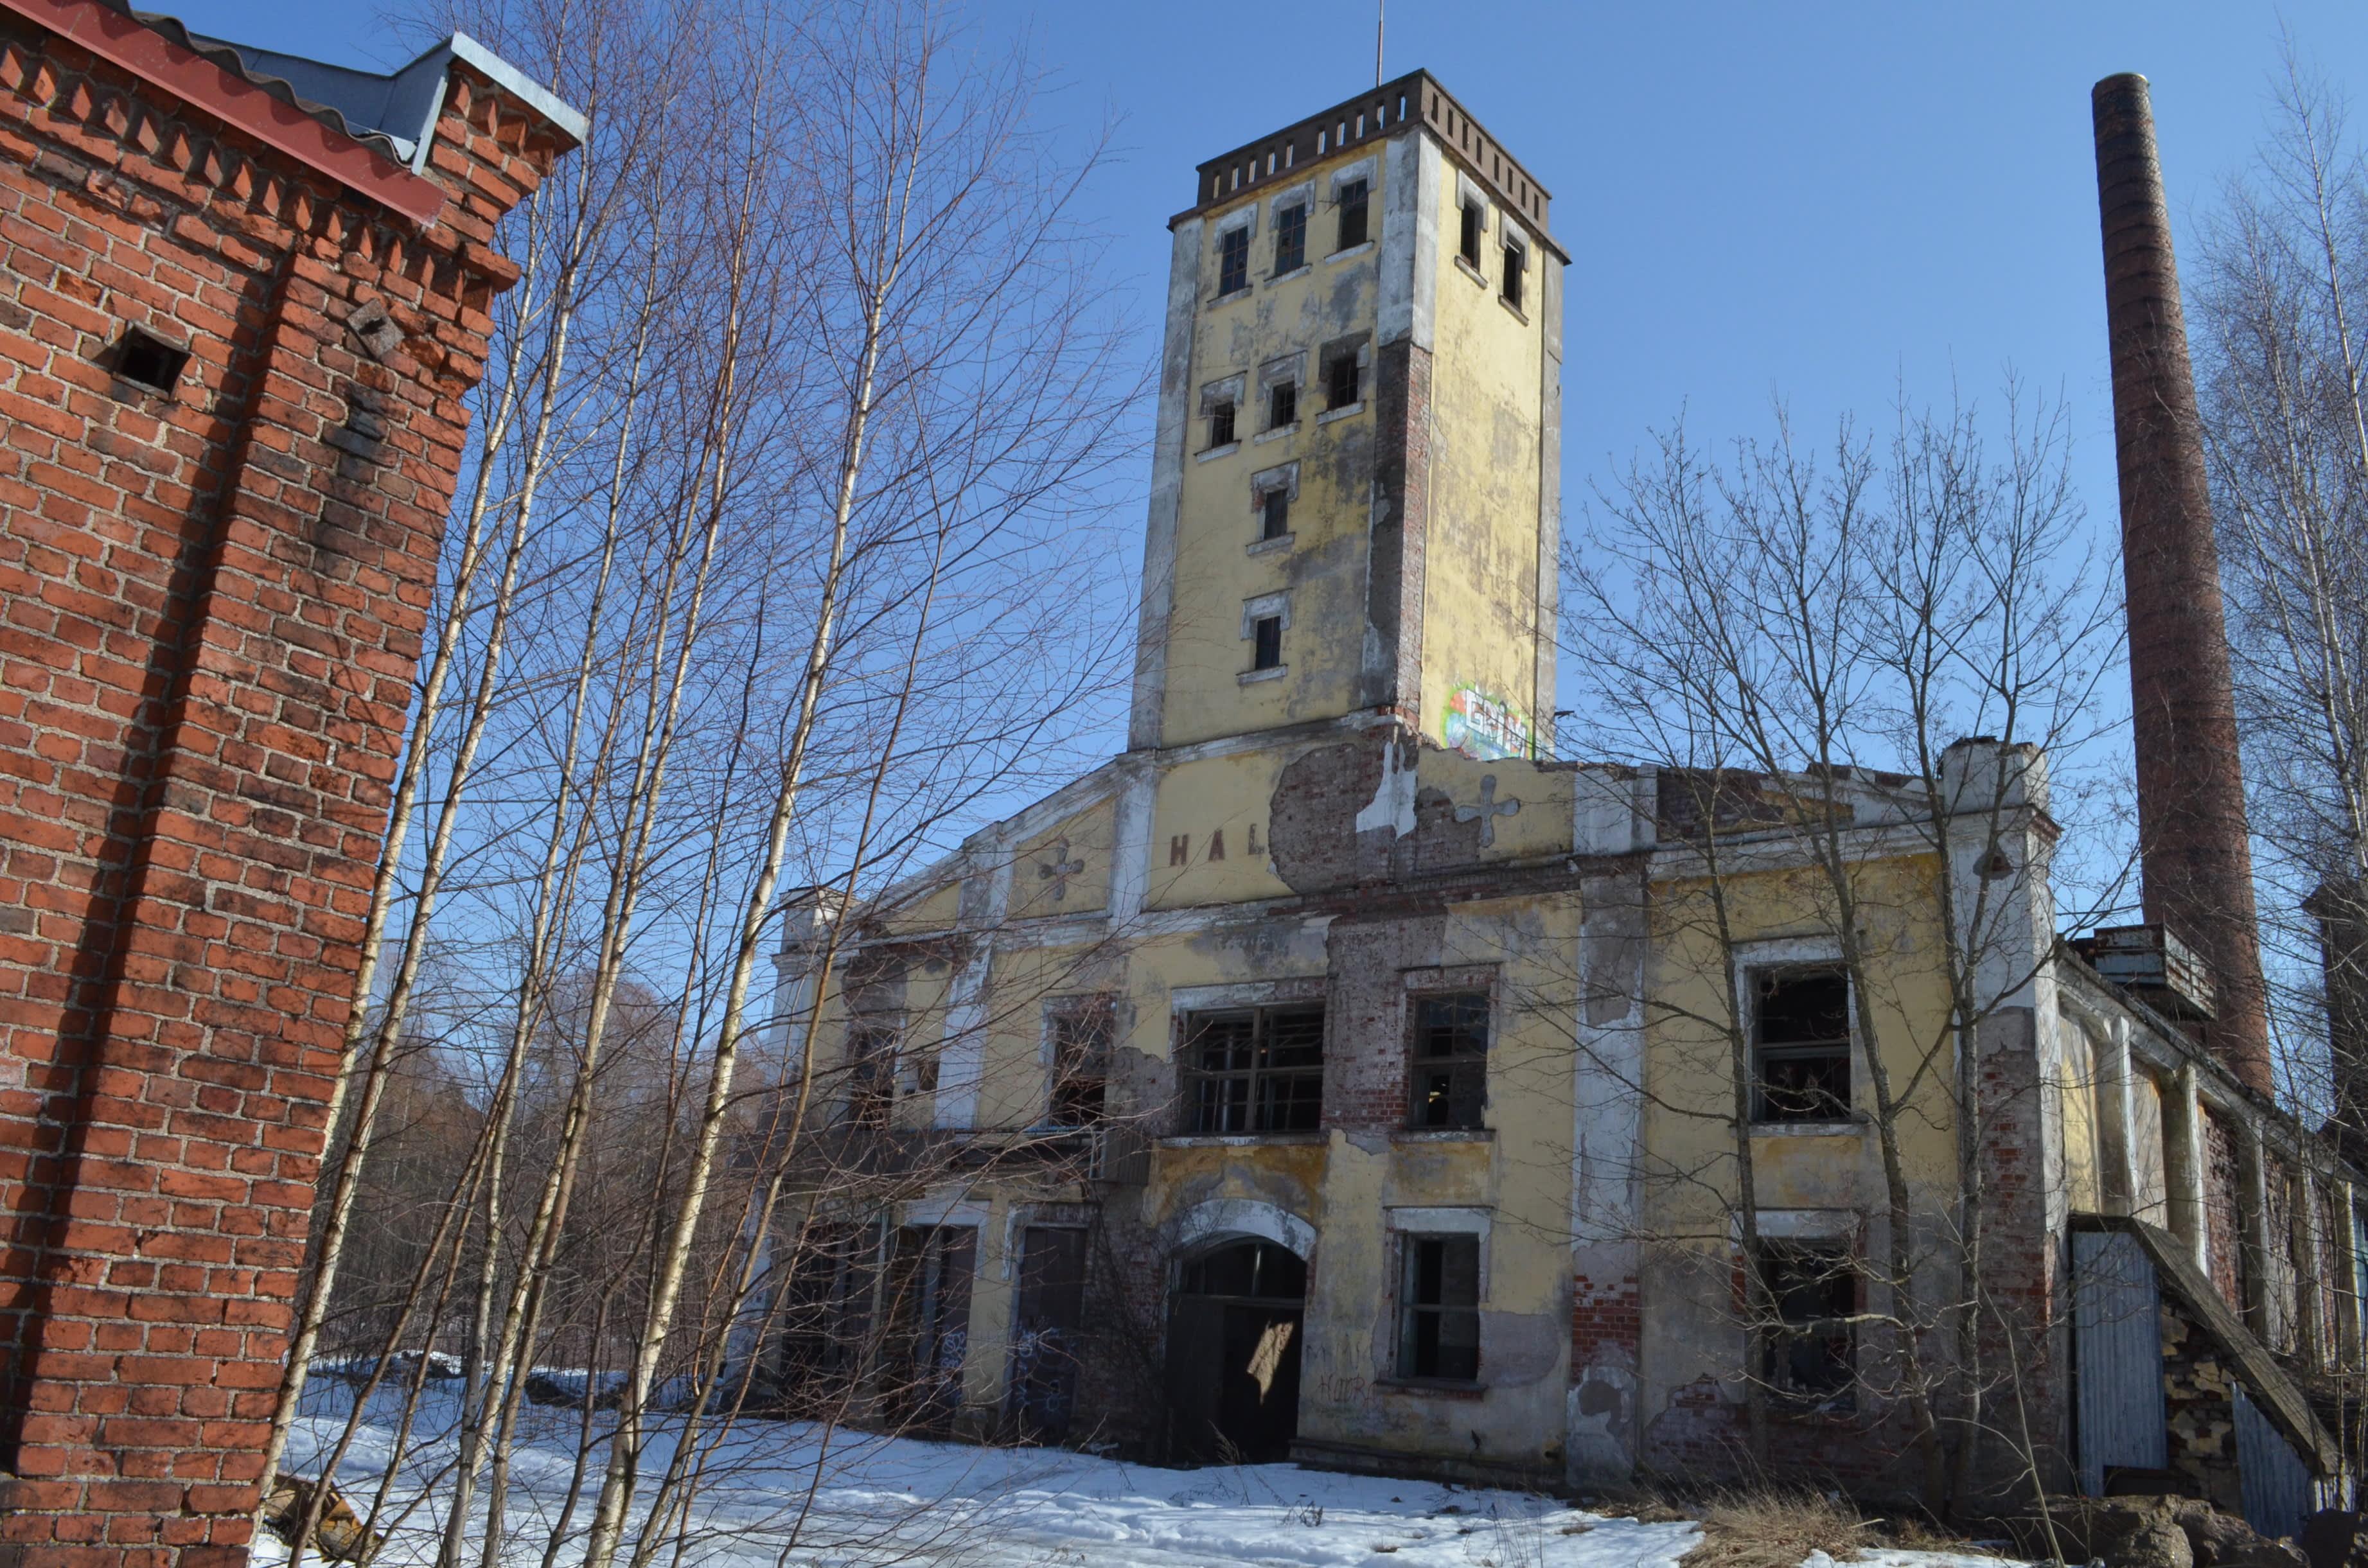 Vasemmassa reunassa tiiliestä rakennetut rakennuksen nurkka, sen vieressä kellertävä vanha Hallan voimalaitosrakennus, kuva keväältä 2016.